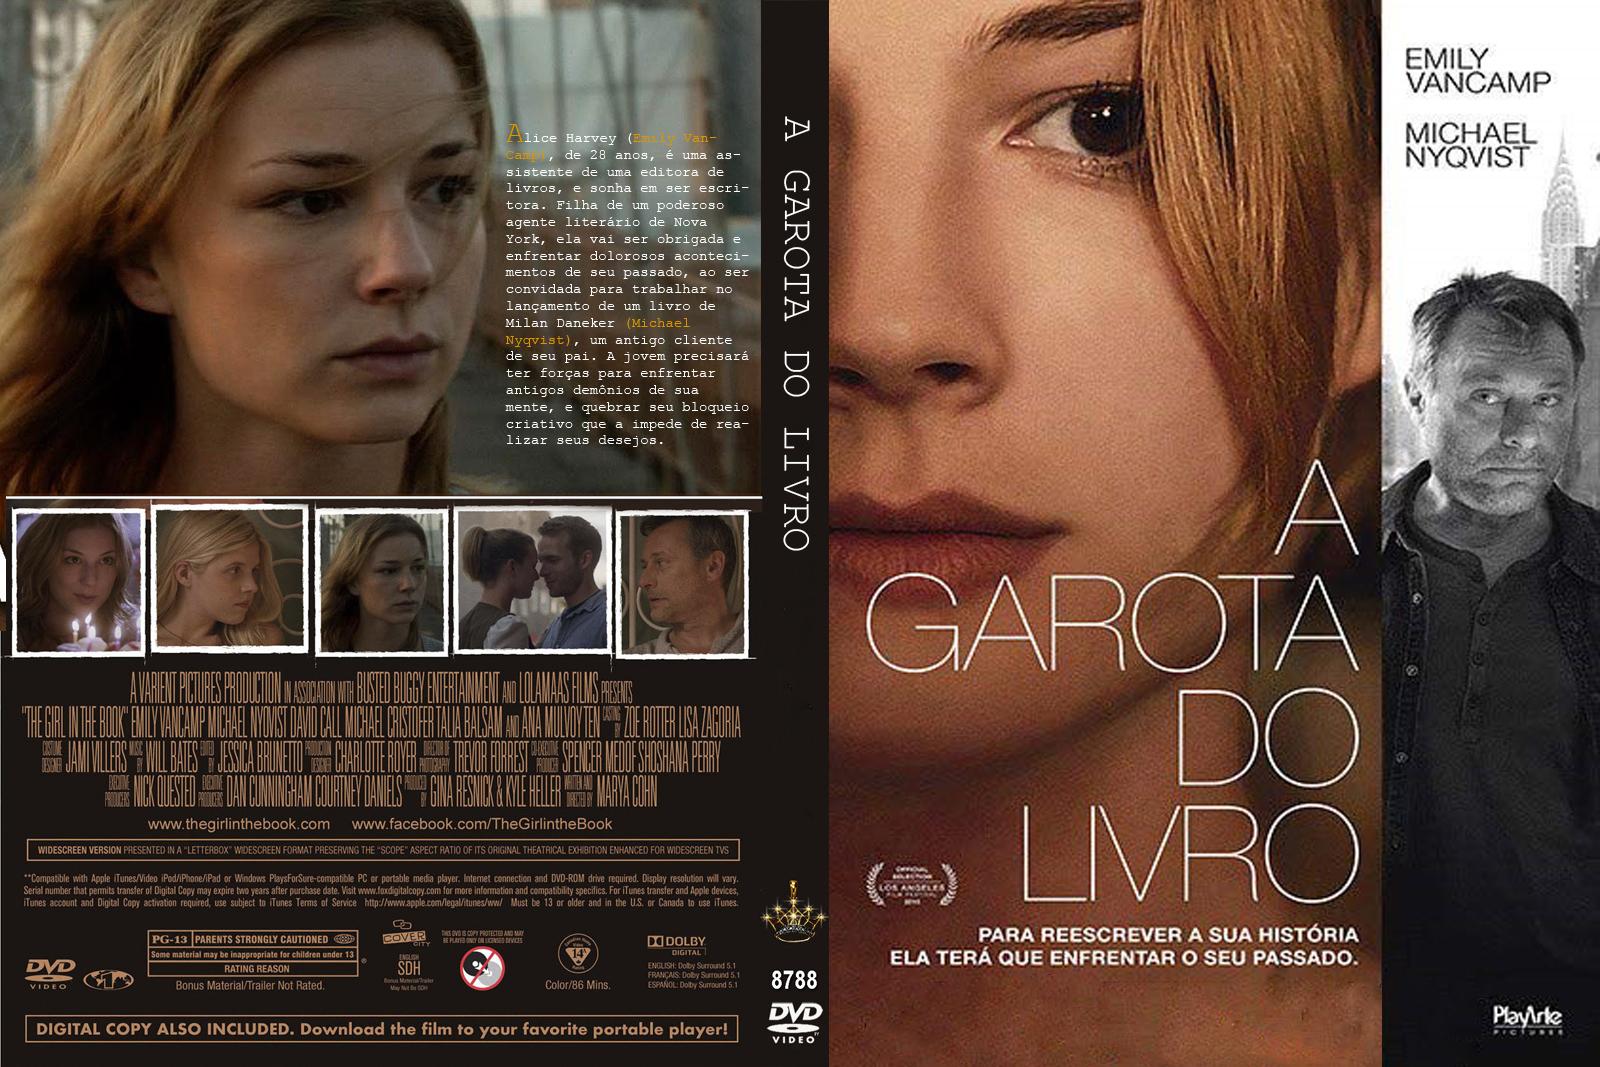 A Garota do Livro DVD-R A 2BGarota 2Bdo 2BLivro